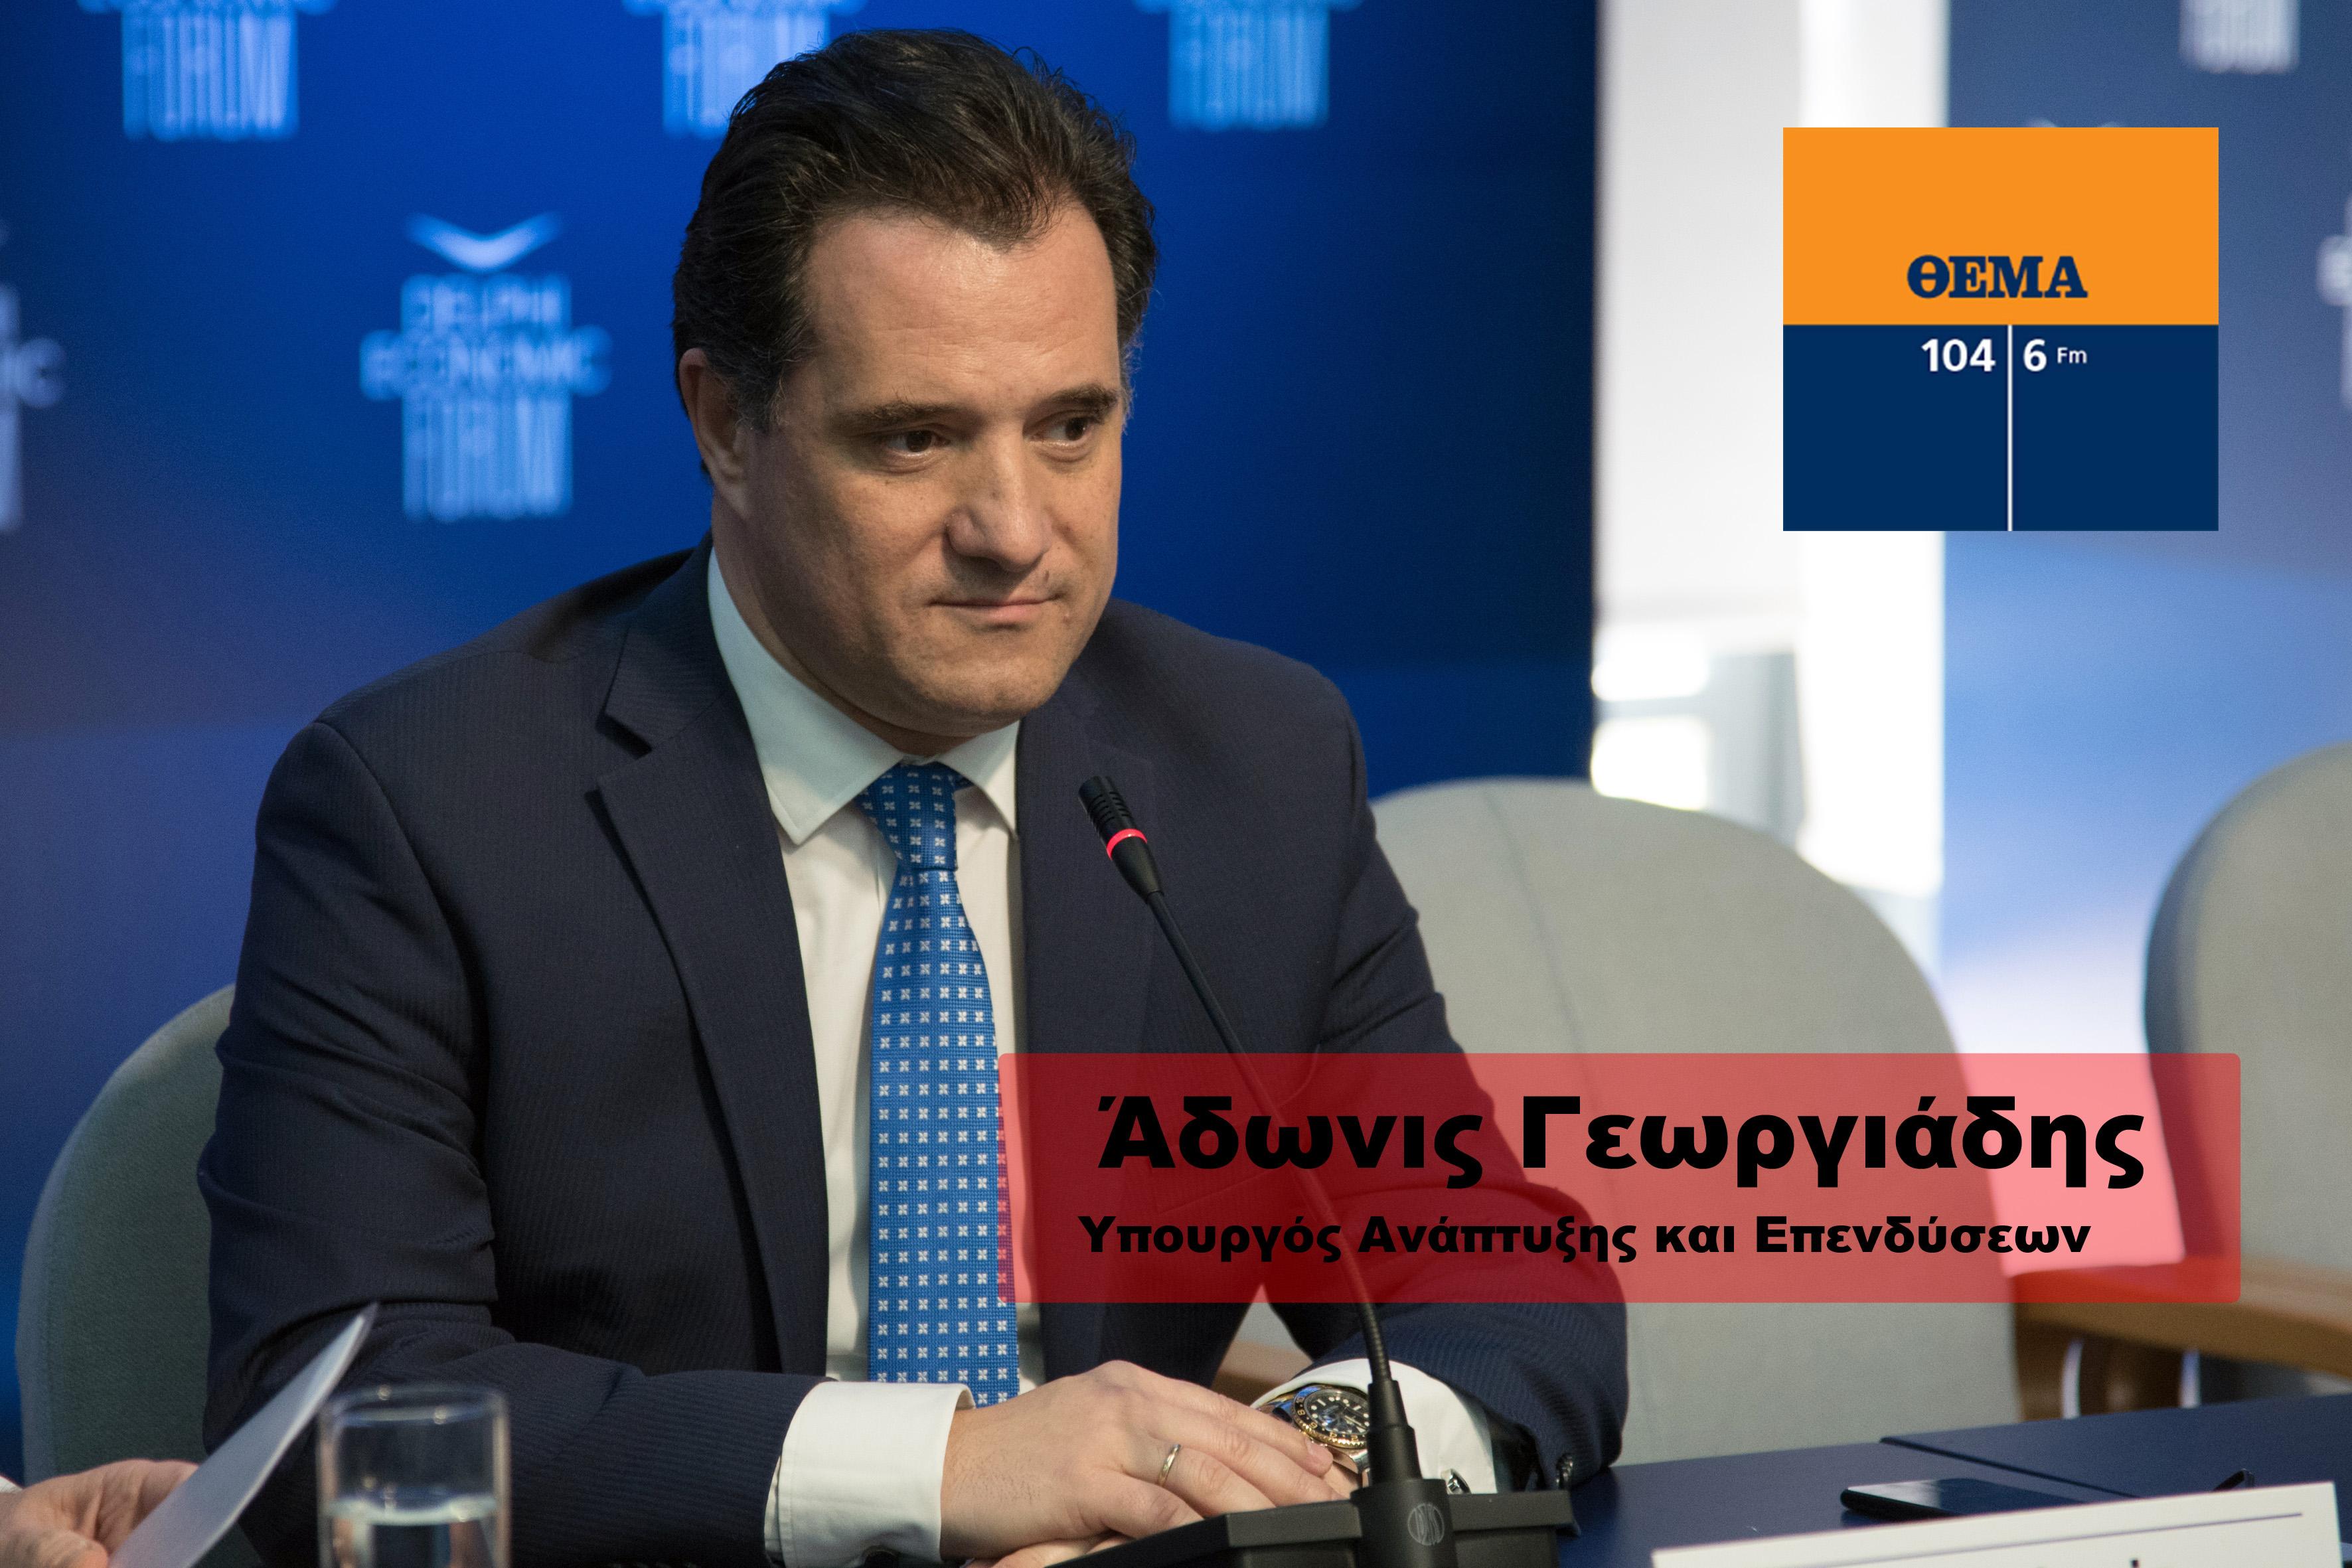 Άδωνις Γεωργιάδης: Συνέντευξη στον ραδιόφωνο Θέμα 104,6